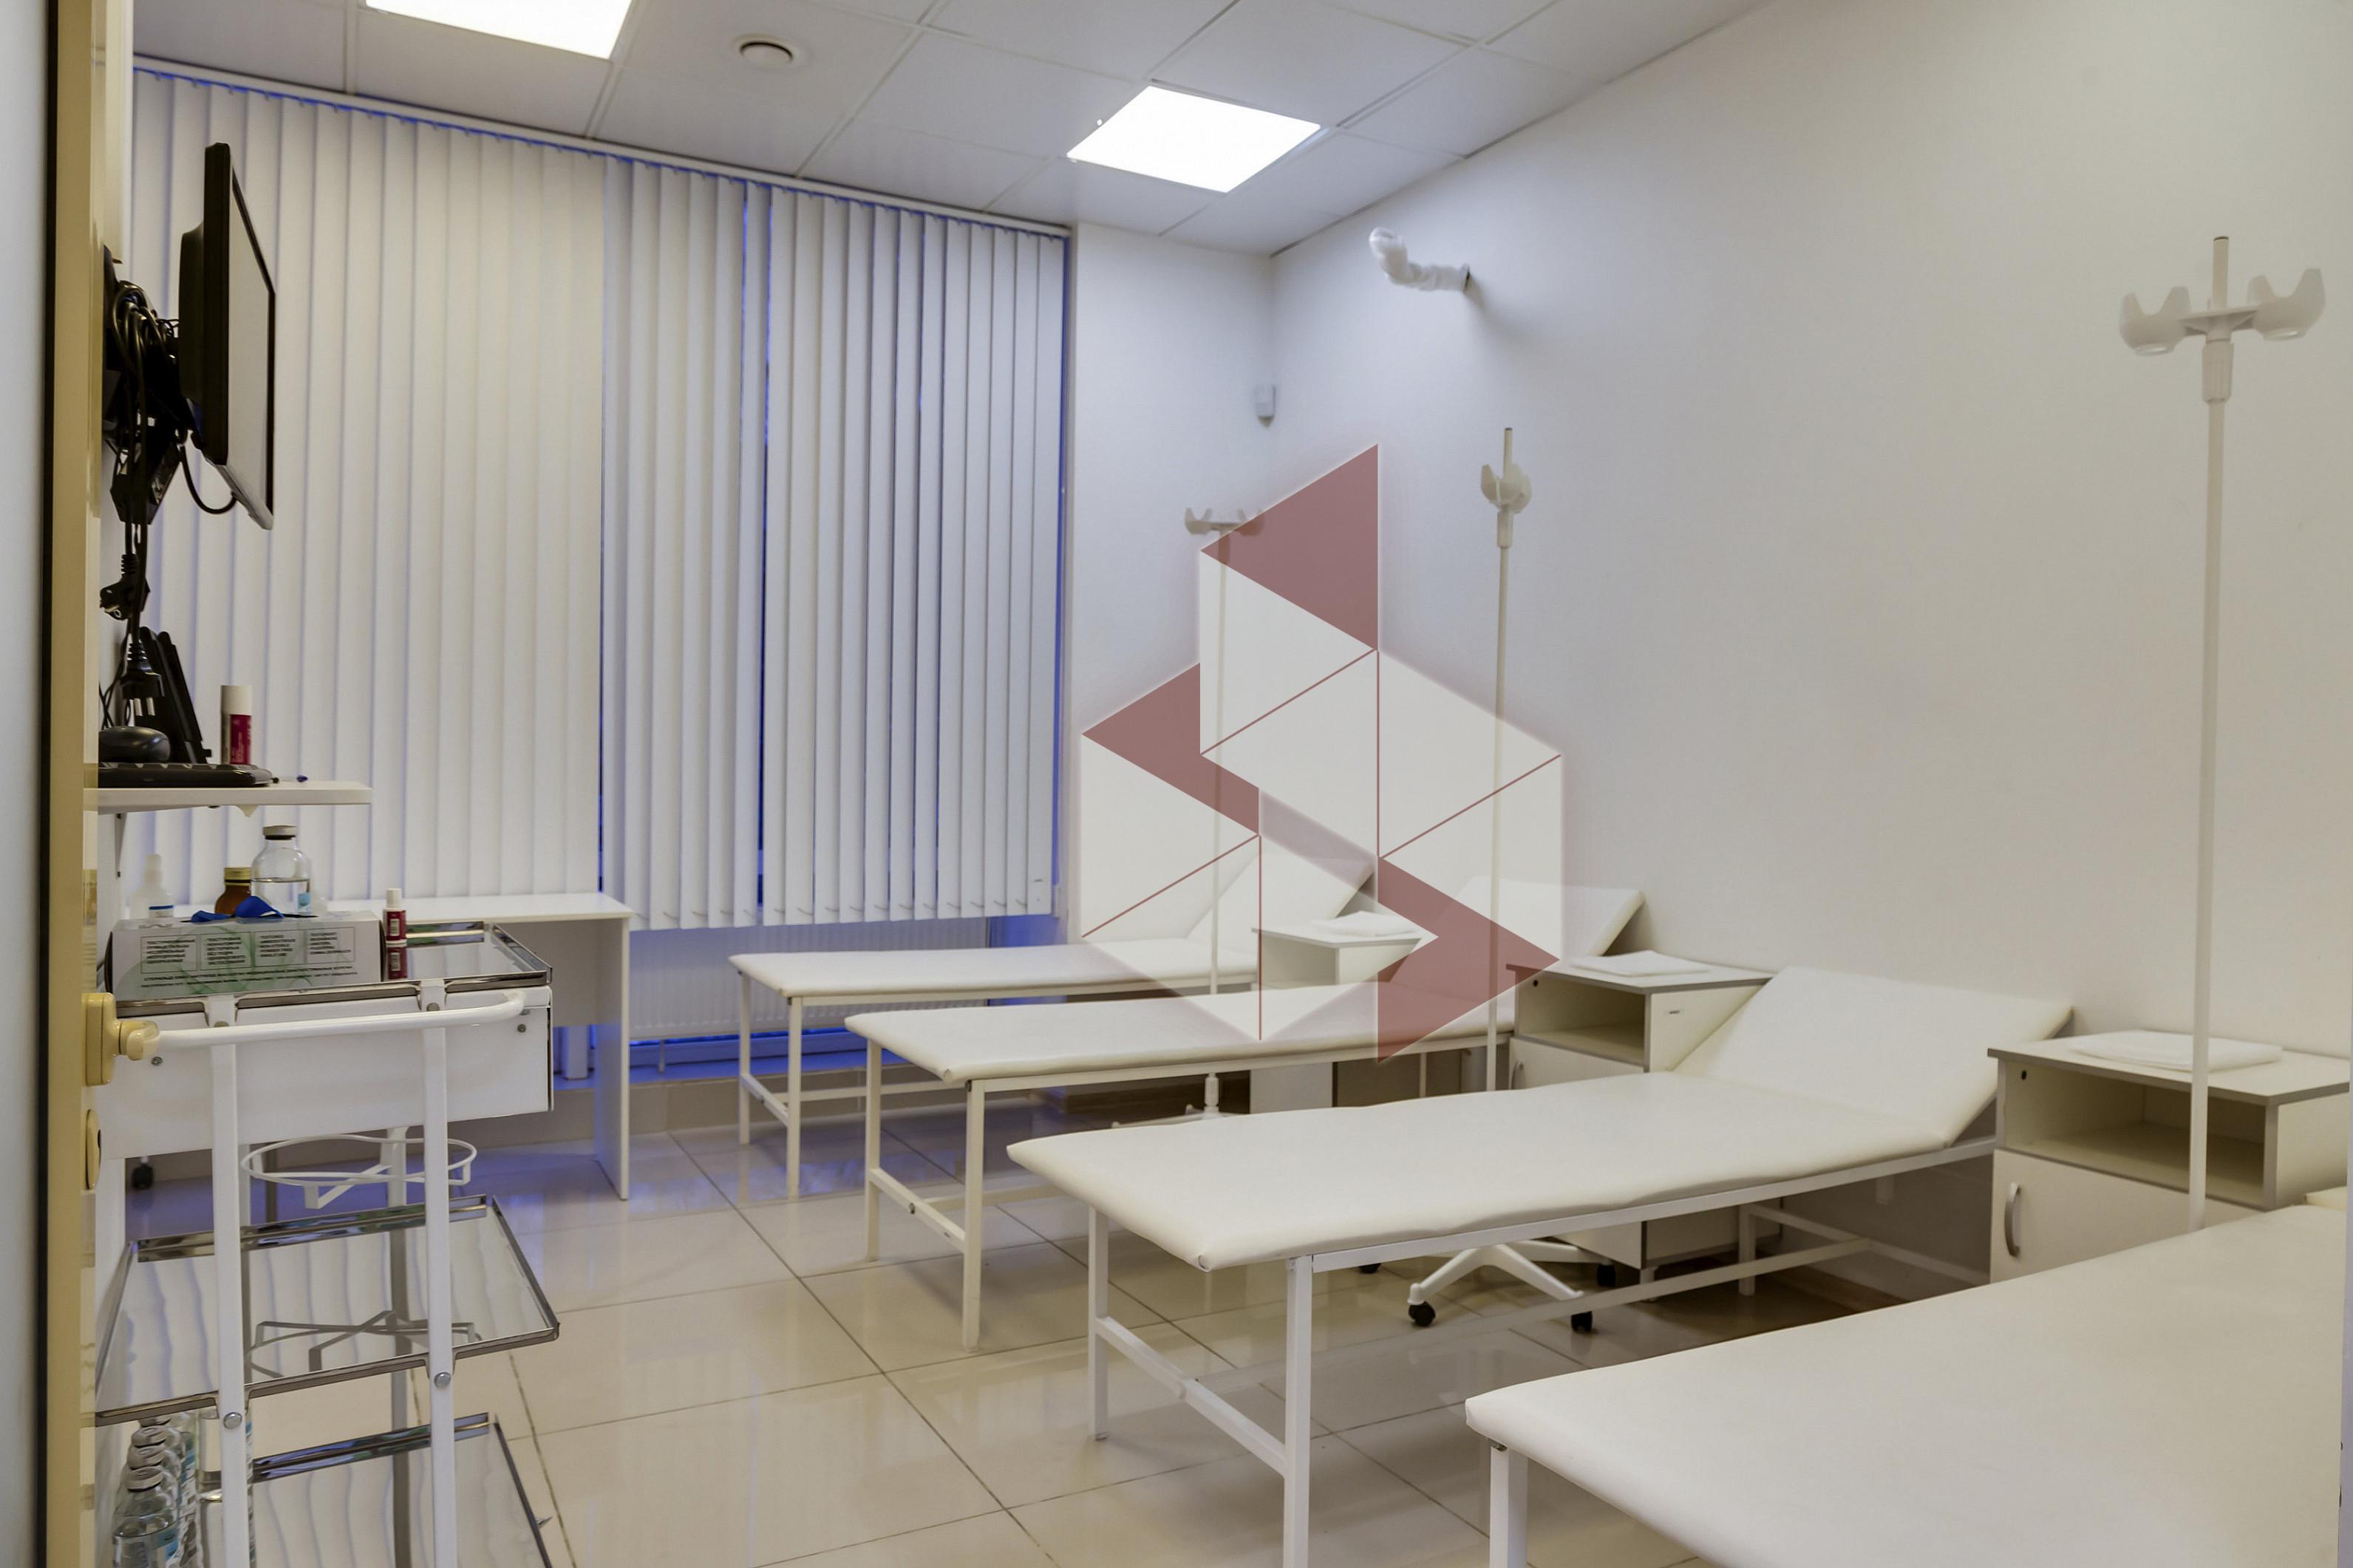 Реабилитационный центр суставы сходня искусственная смазка между суставами